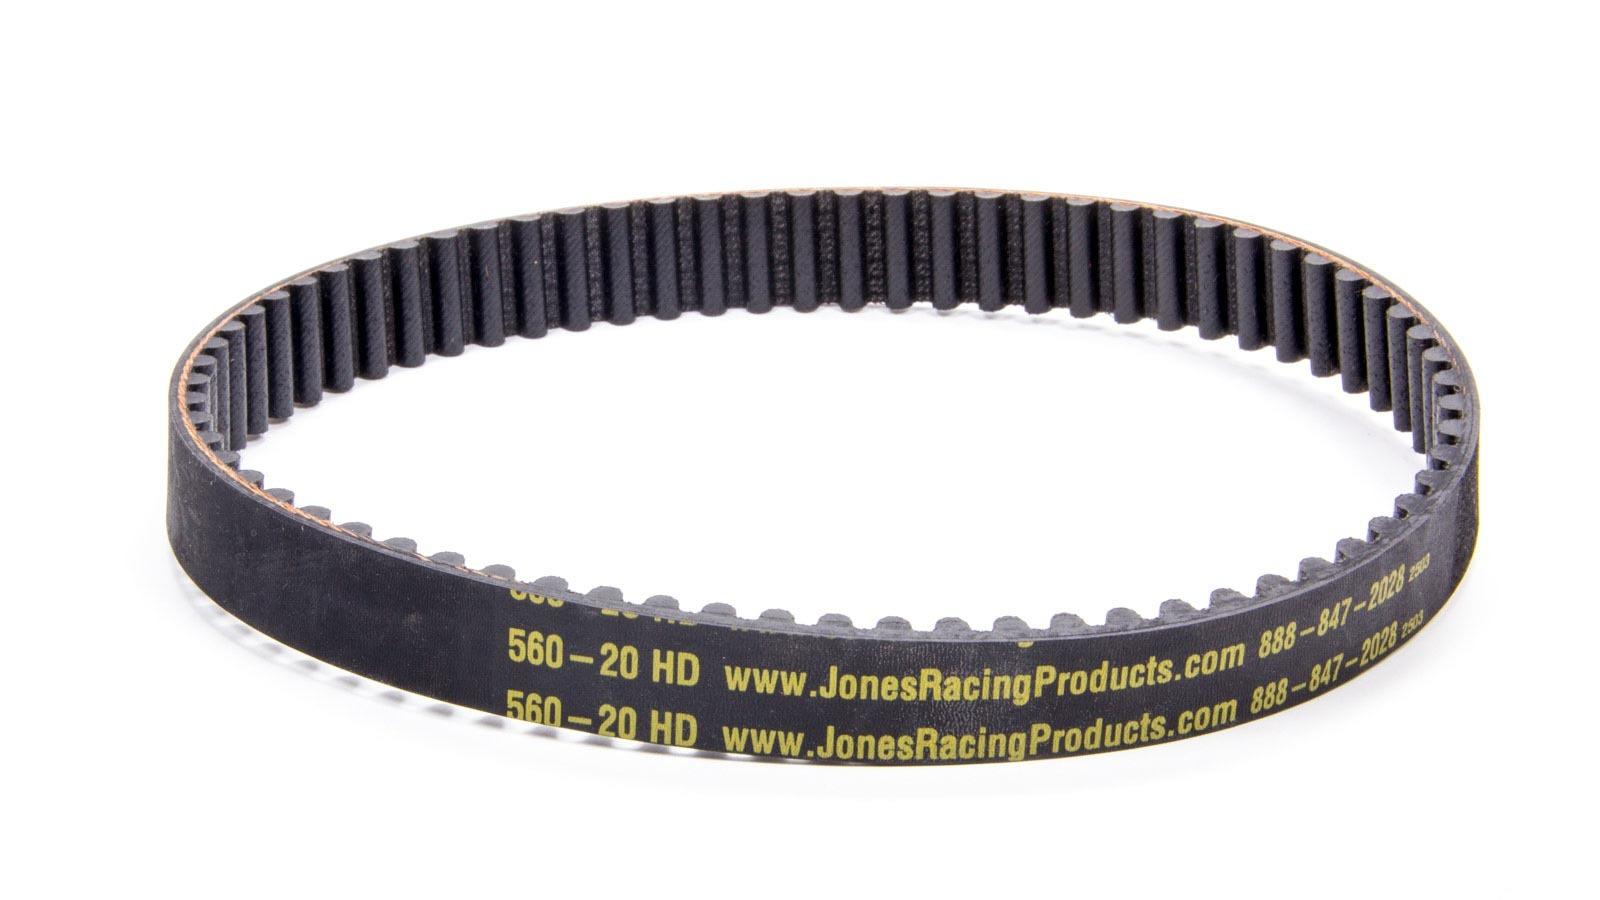 HTD Belt 31.496in Long 20mm Wide